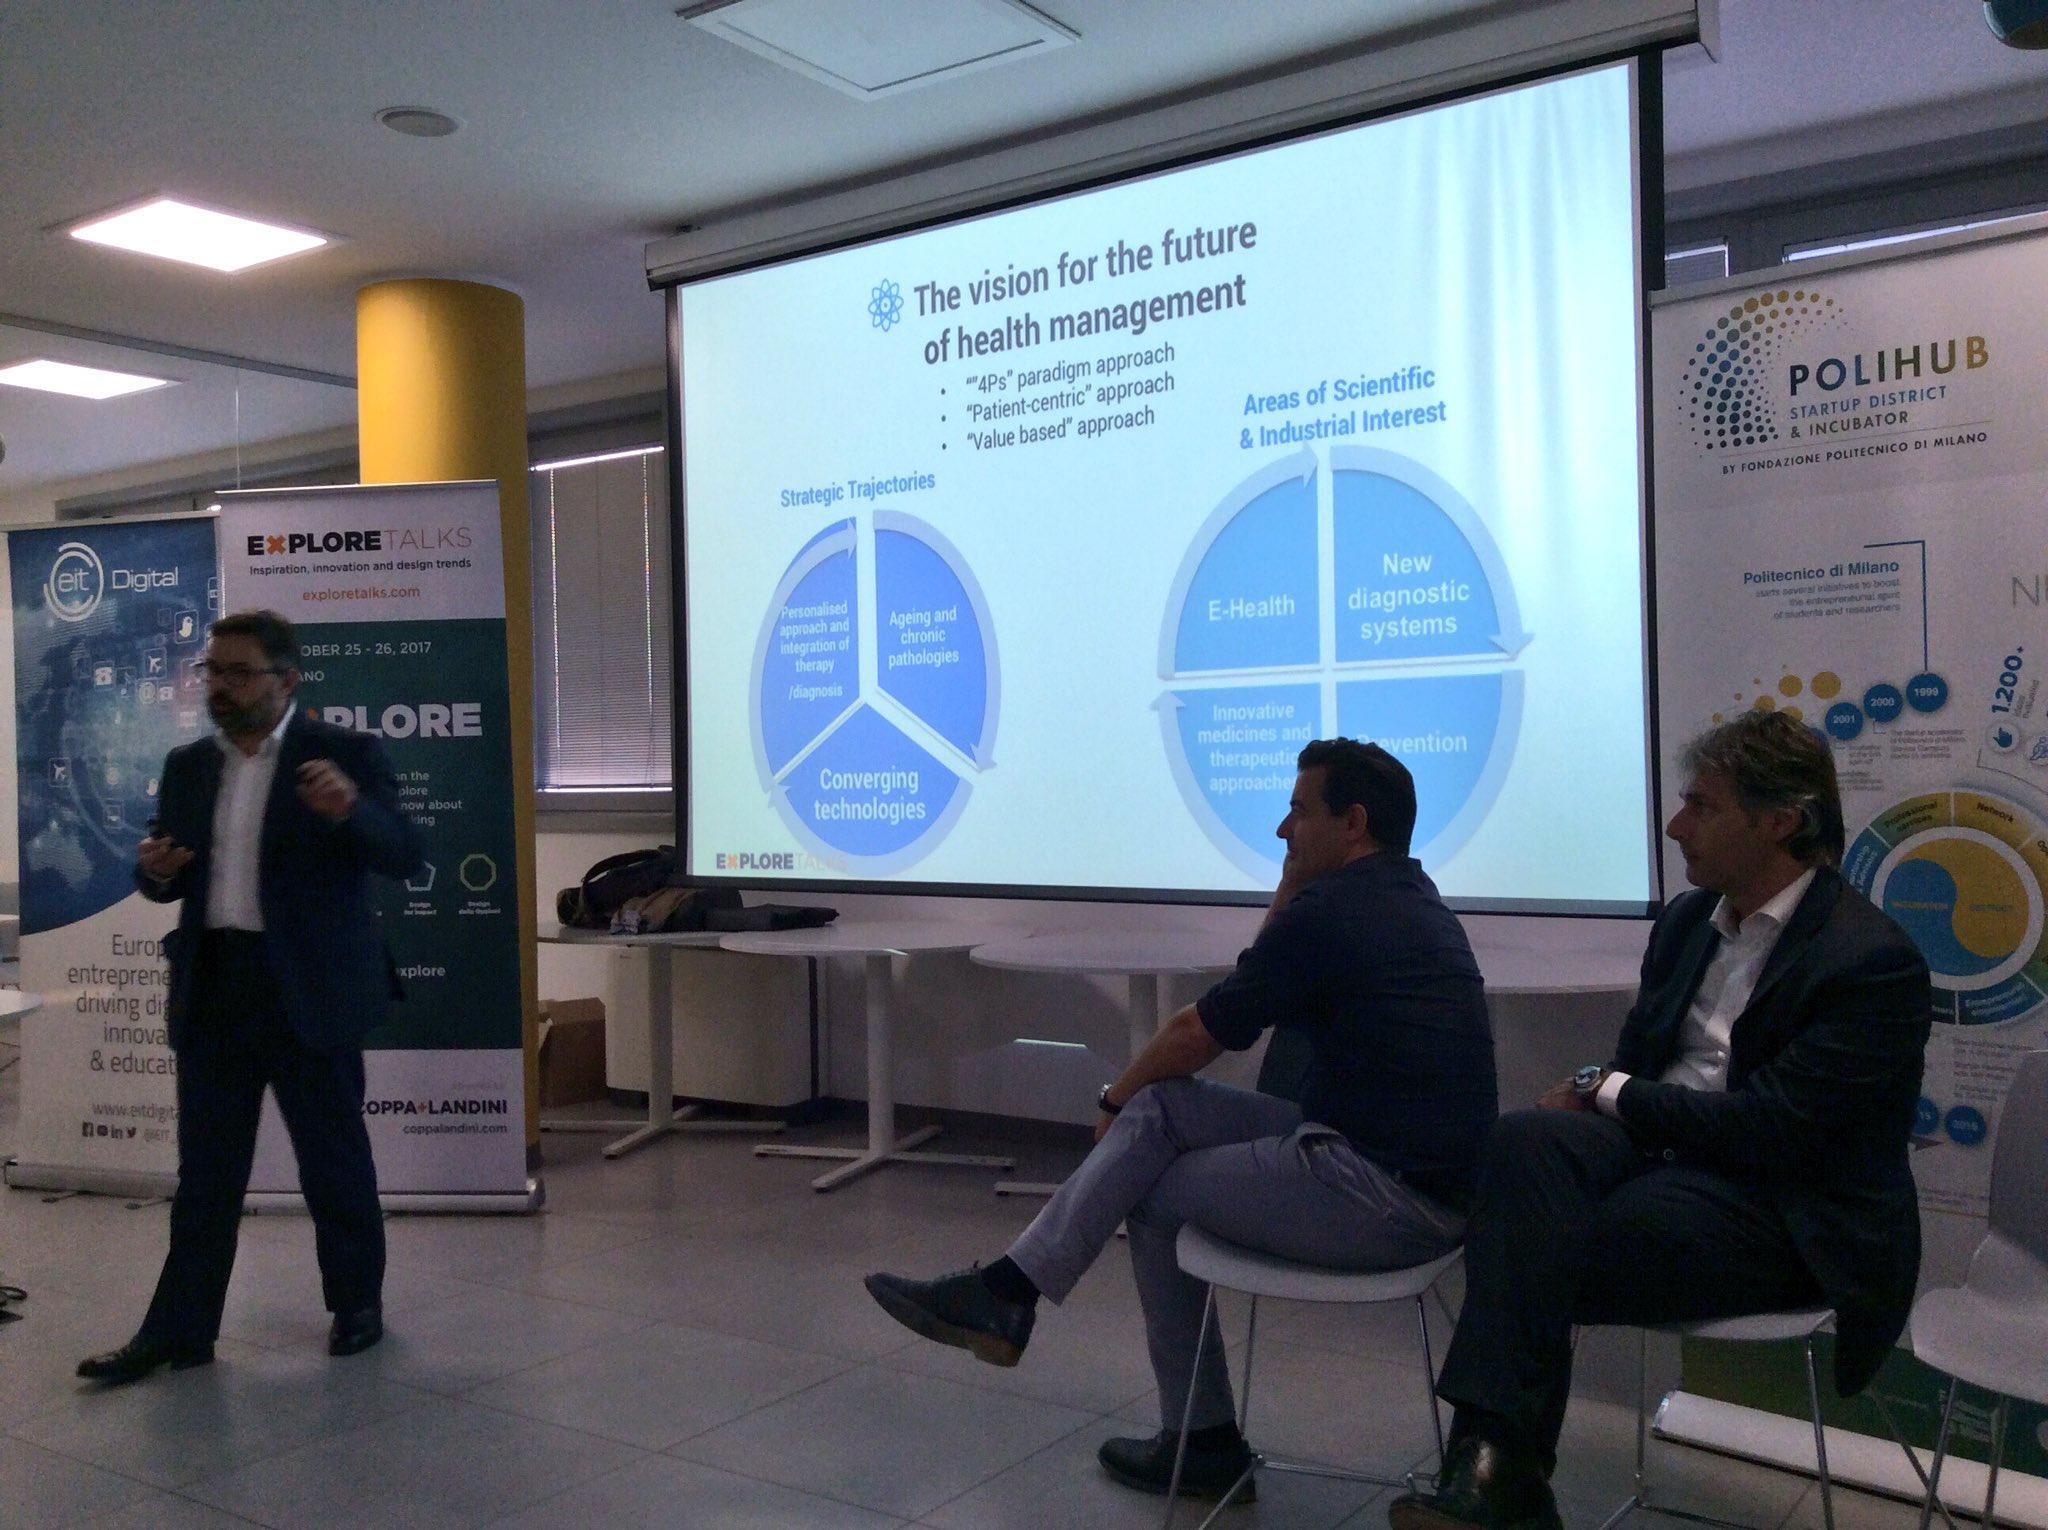 #xthealth: @Fconic di @BioindustryPark presenta il paradigma delle 4P #healthcare #healthmanagement https://t.co/lBcIUuFU5k